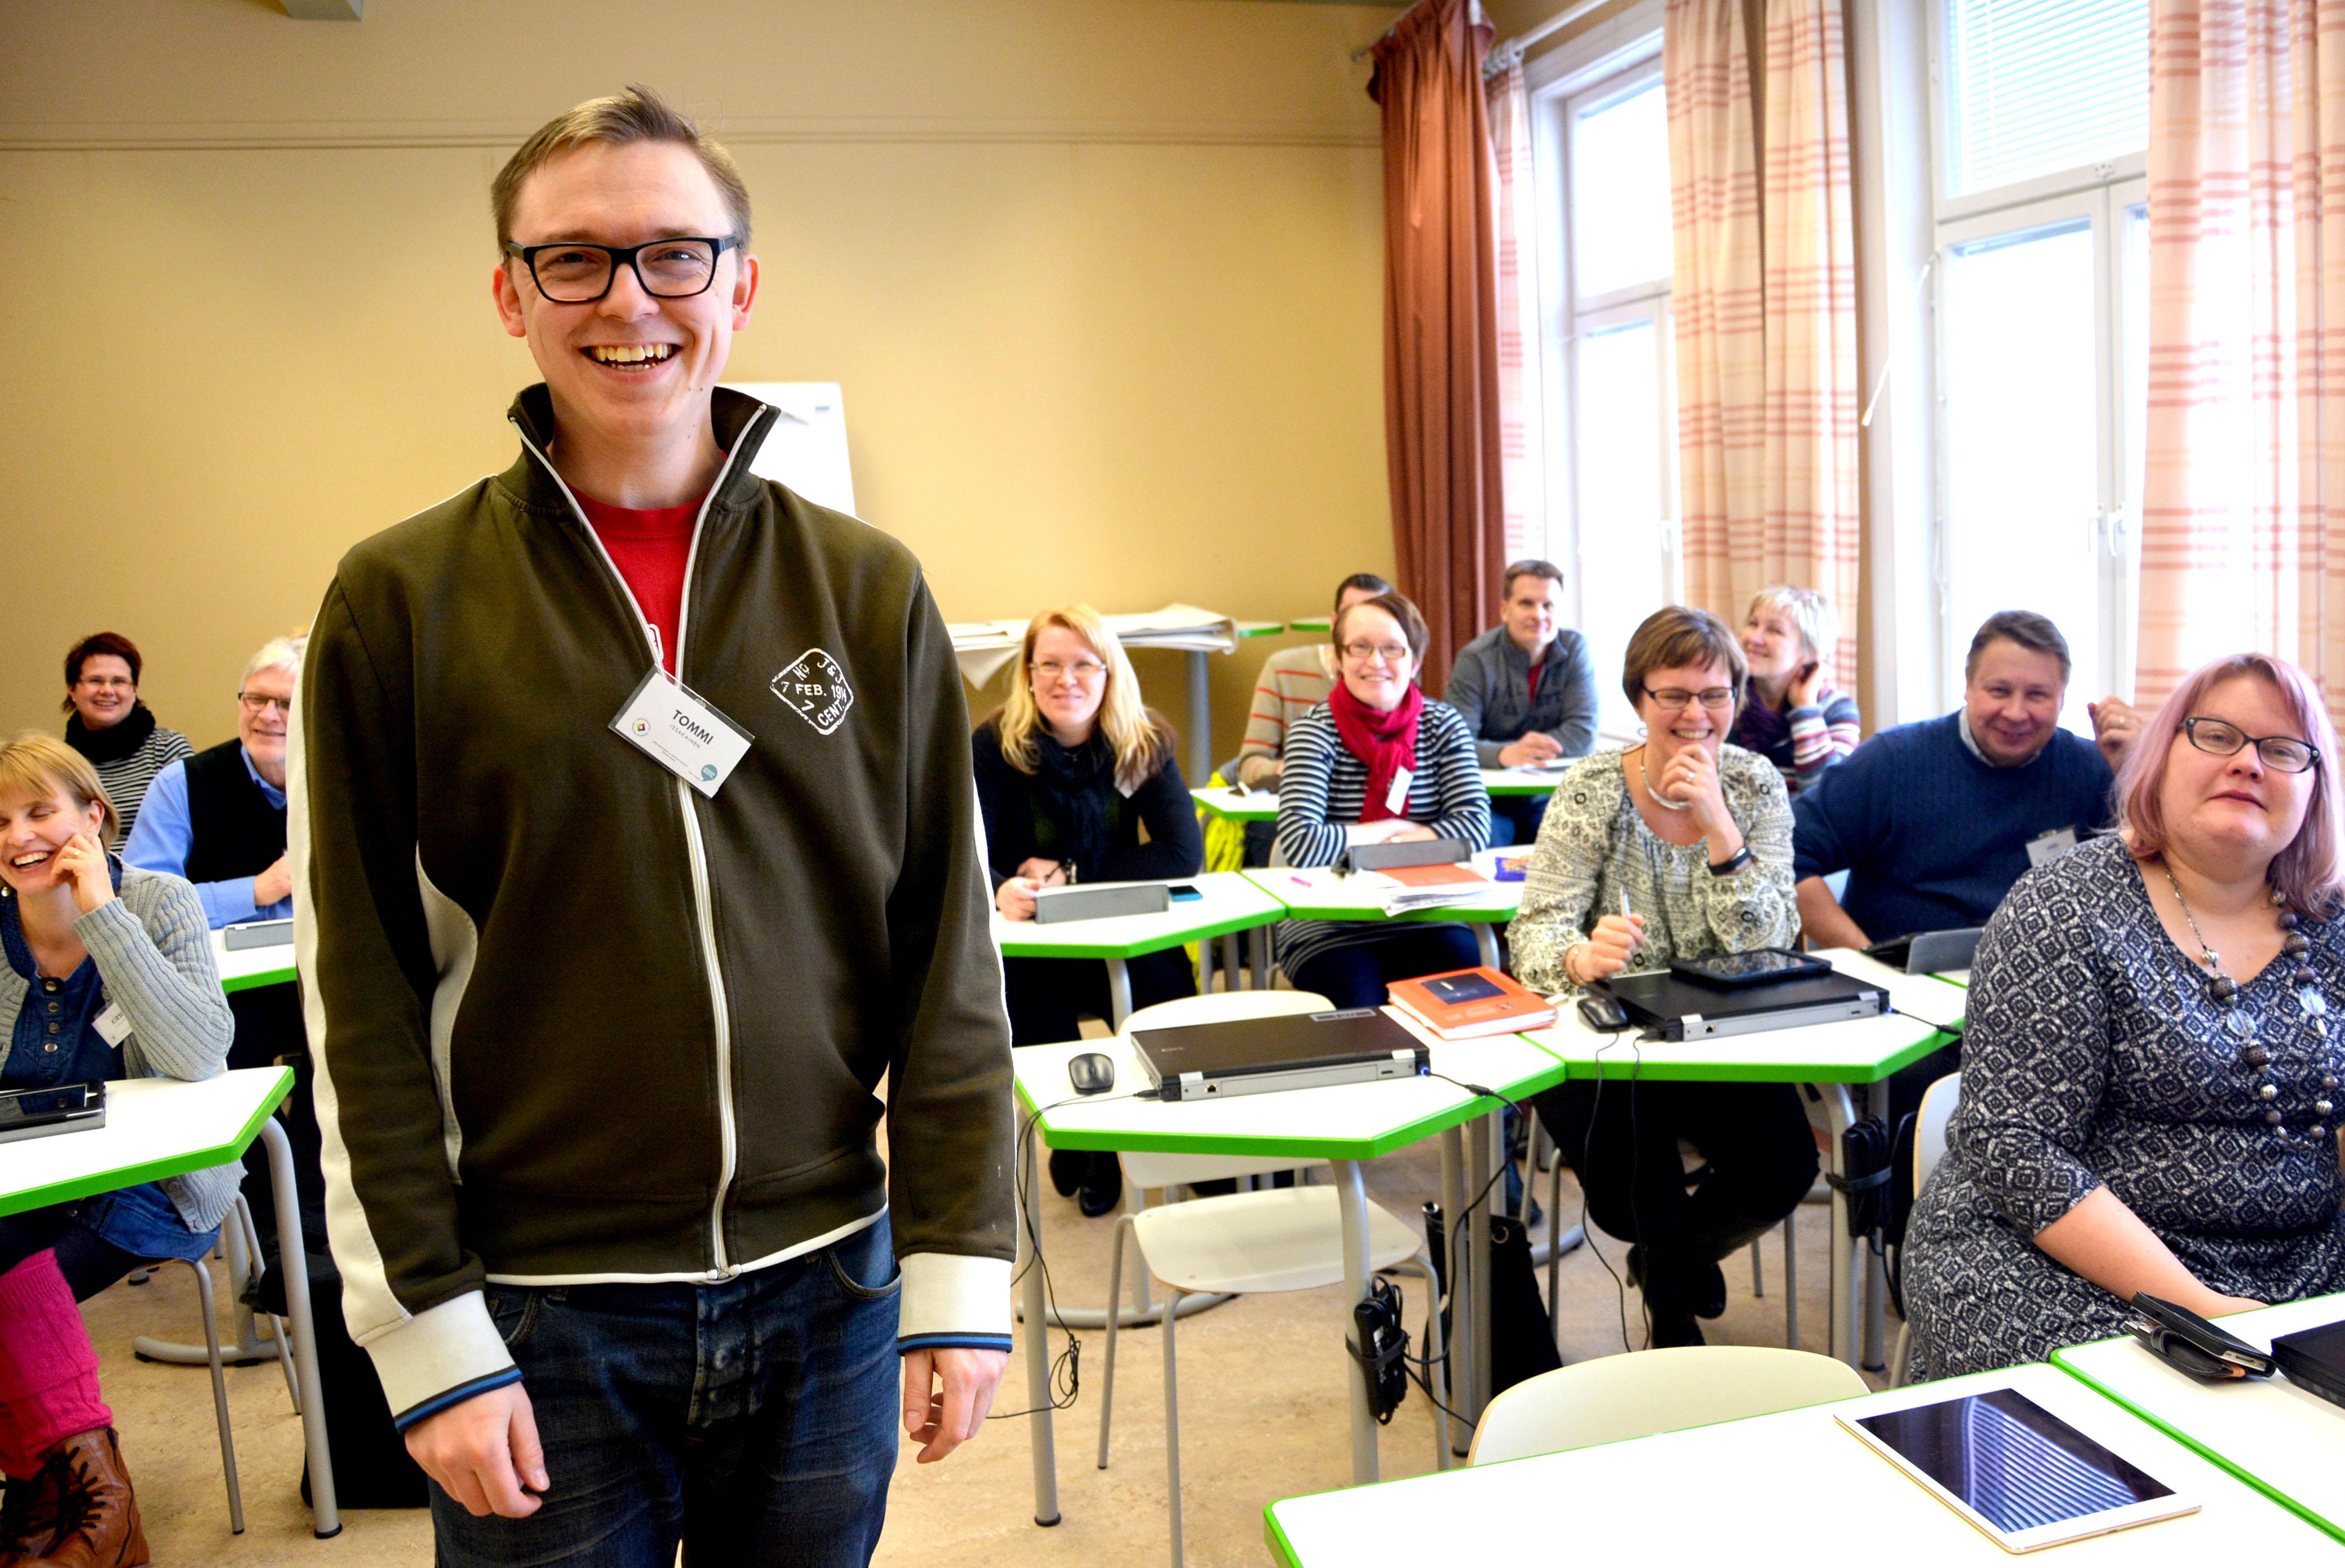 Tommi Issakainen vetämässä työpajaa mobiiliteknologian hyödyntämisestä koulussa, johon myös Päivi Paappanen osallistui.